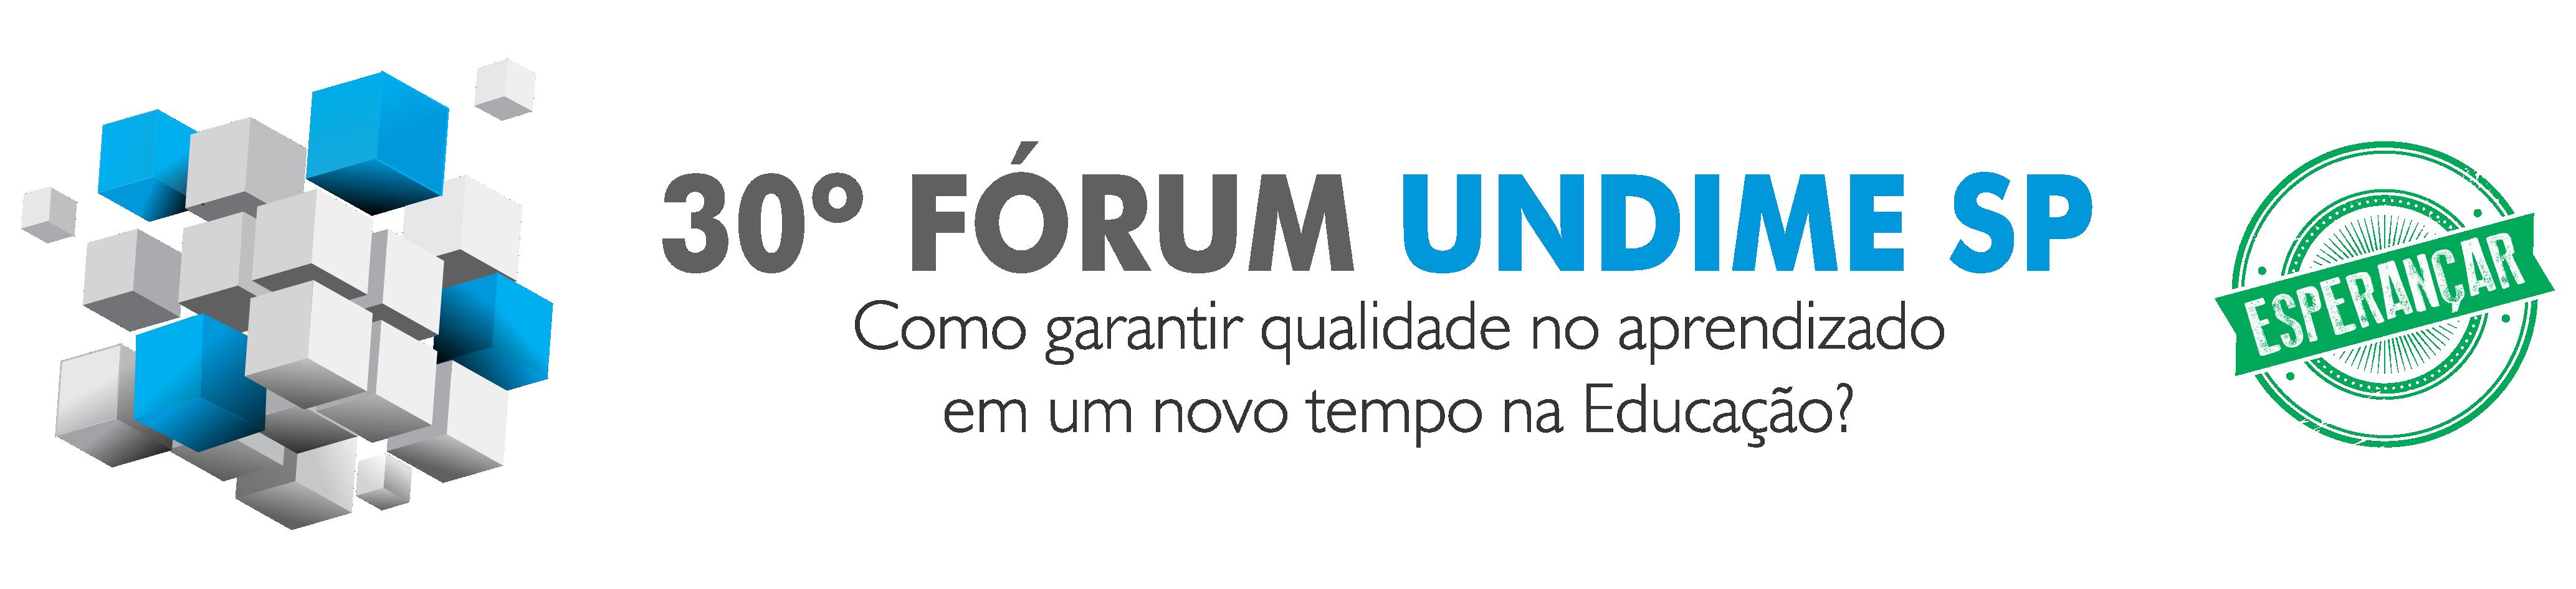 Undime São Paulo realiza 30º Fórum Estadual em Atibaia